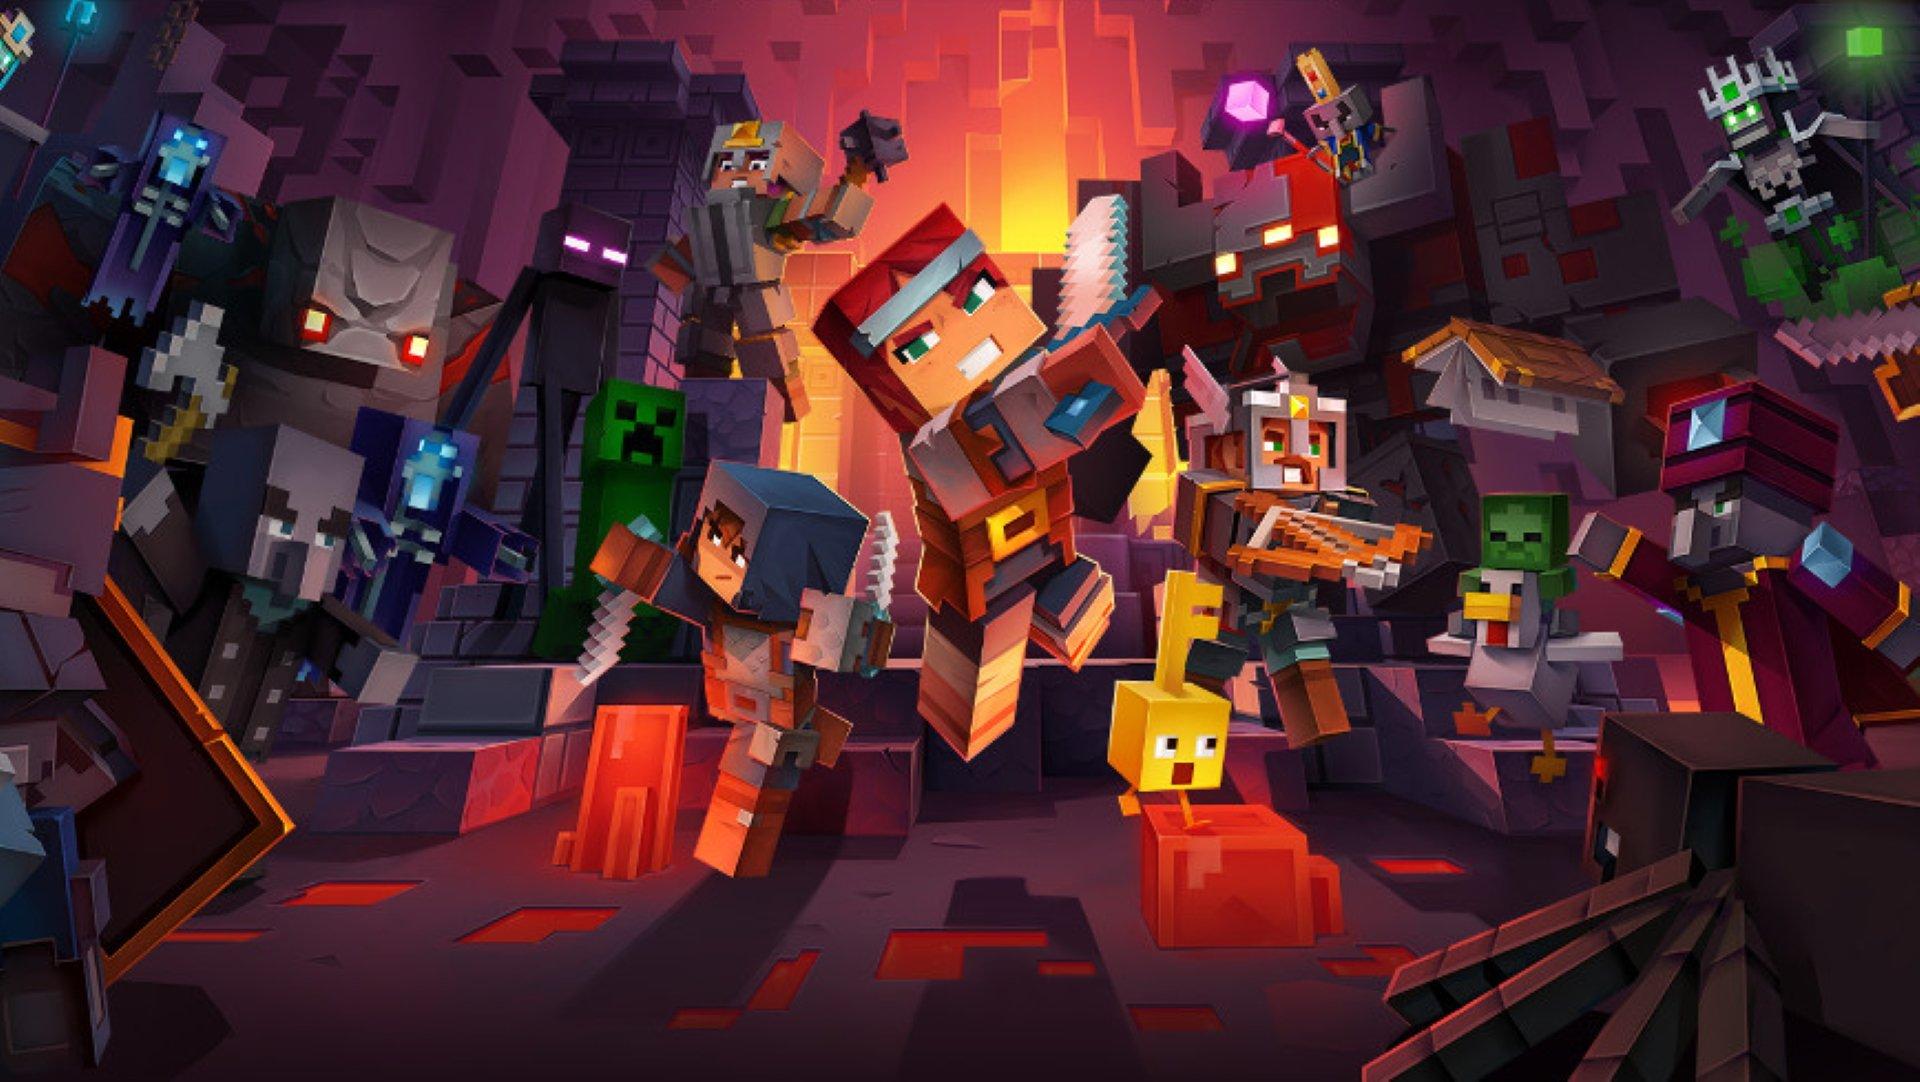 La date de sortie de Minecraft Dungeons est confirmée pour avril 2020.